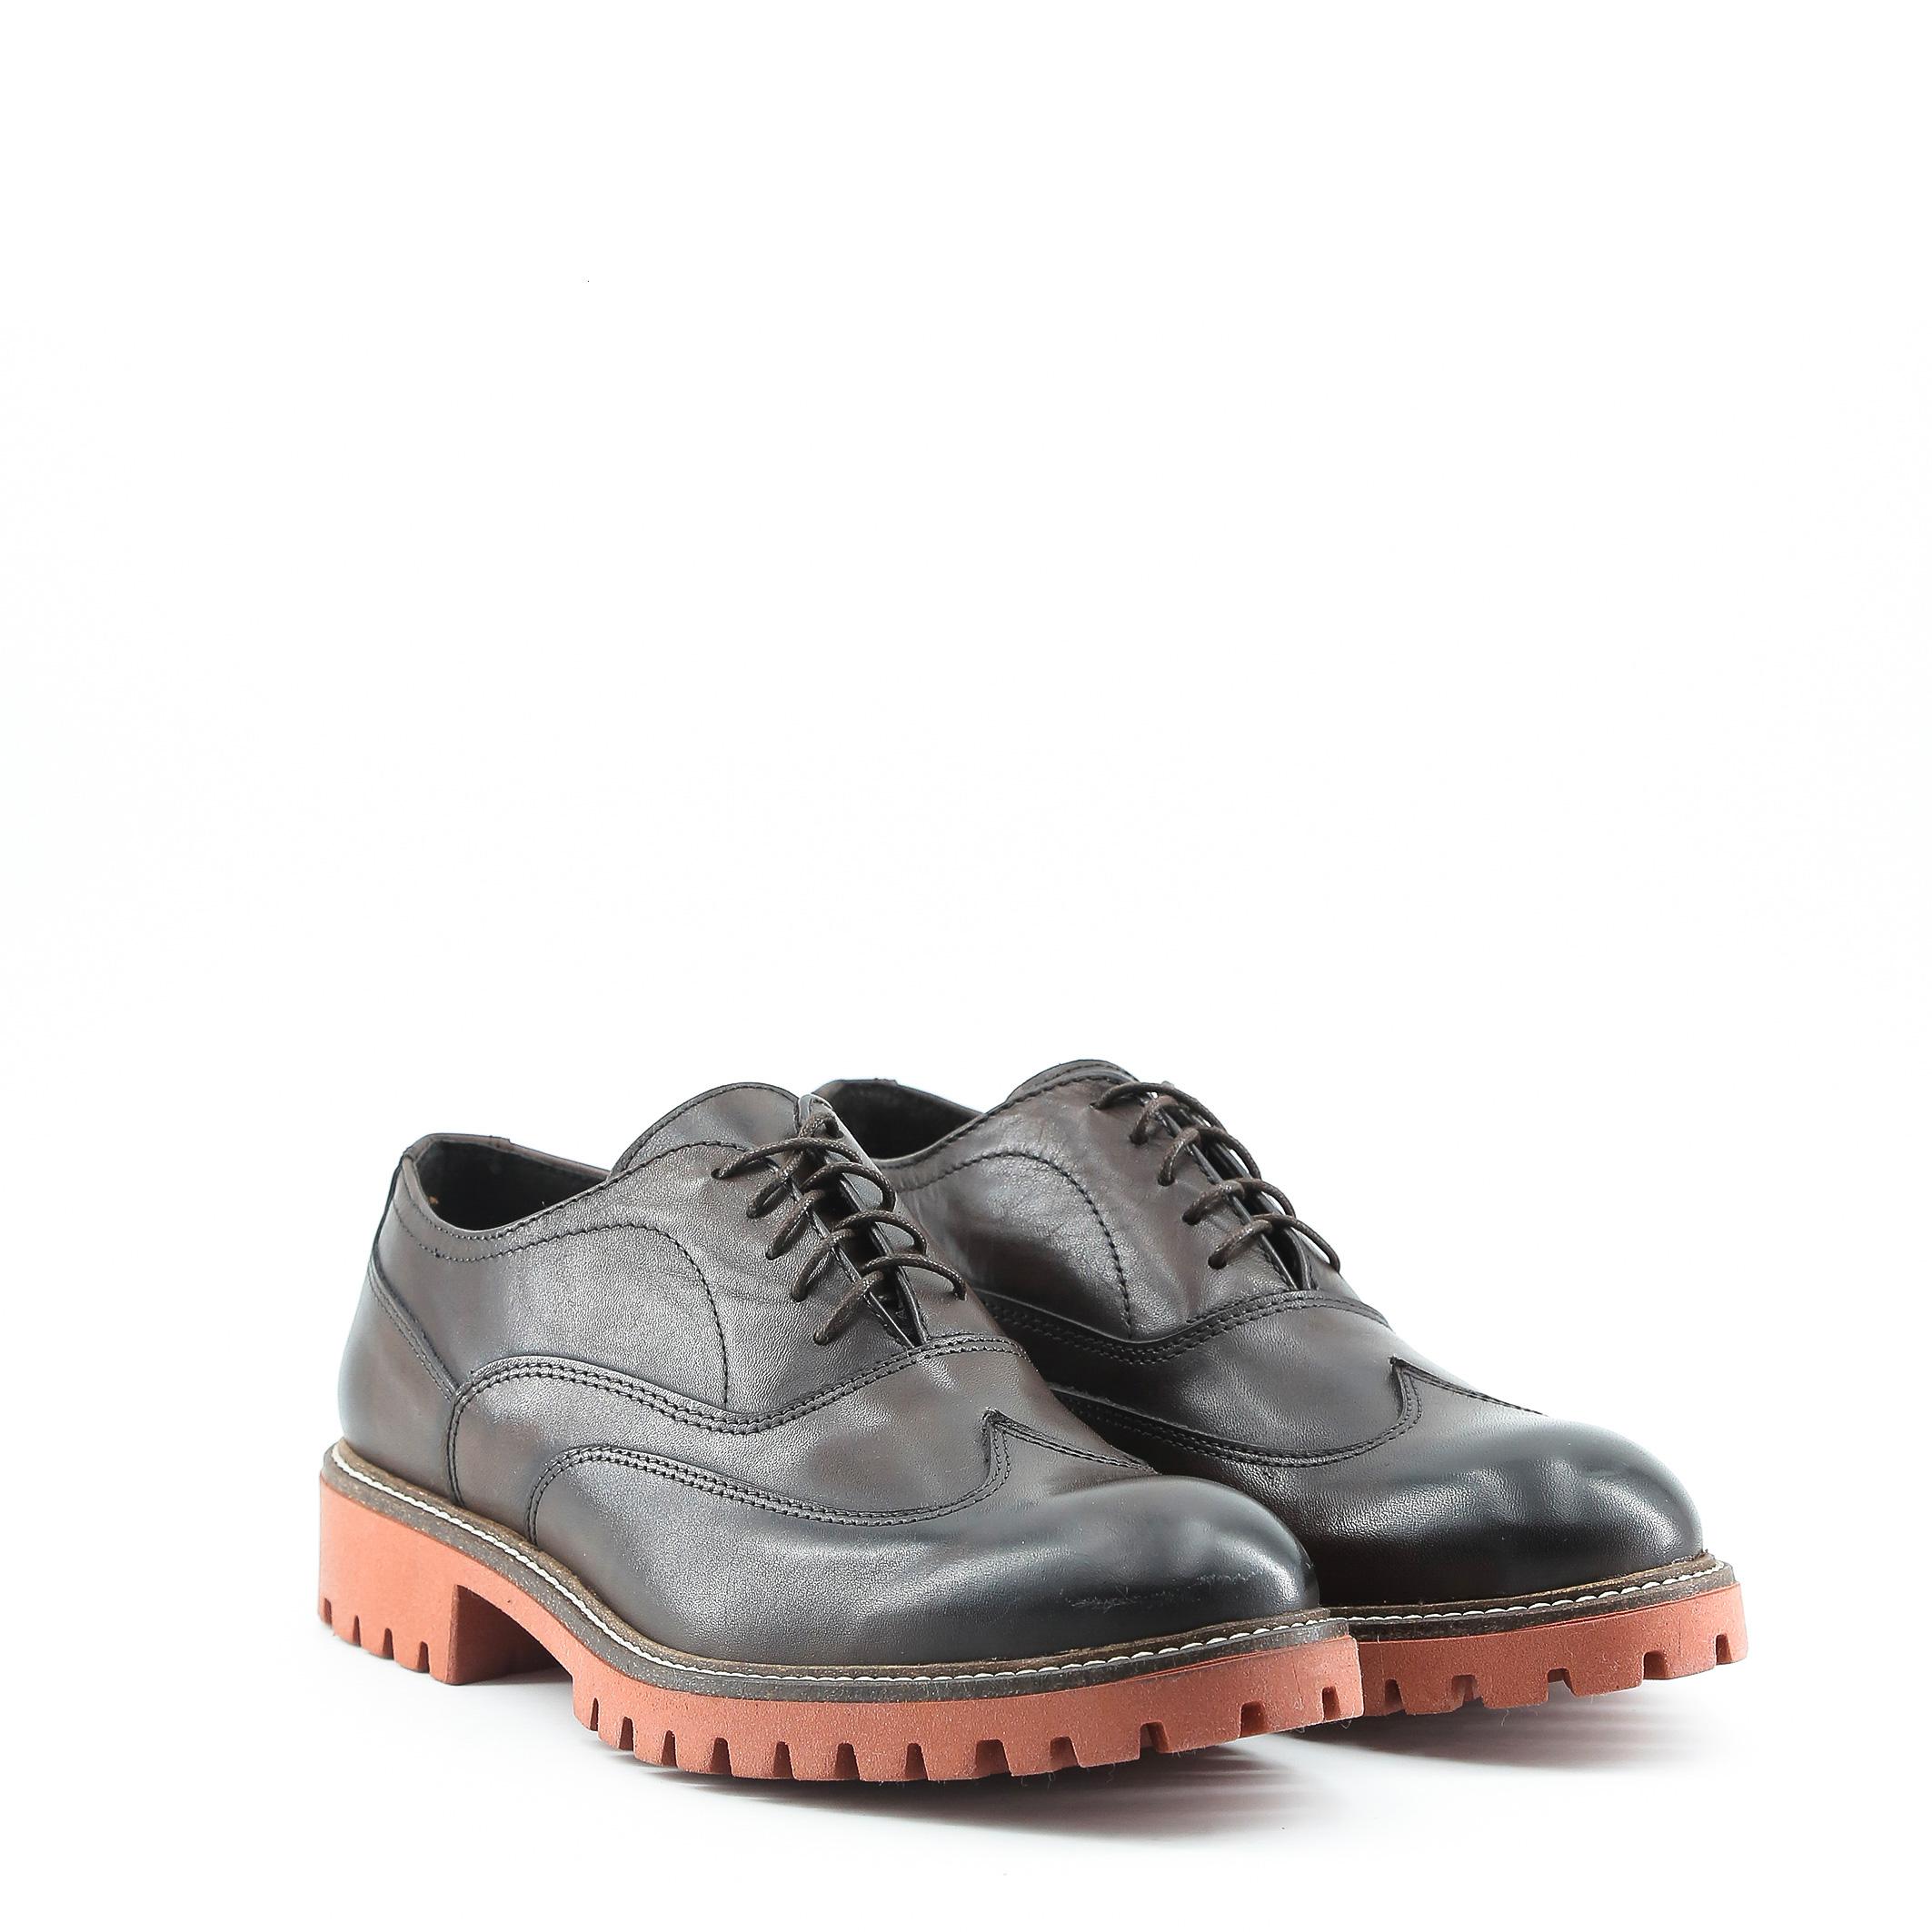 Schuhe LUCA, Herren Schnürschuhe elegante Braun/Schwarz elegante Schnürschuhe Halbschuh 307434